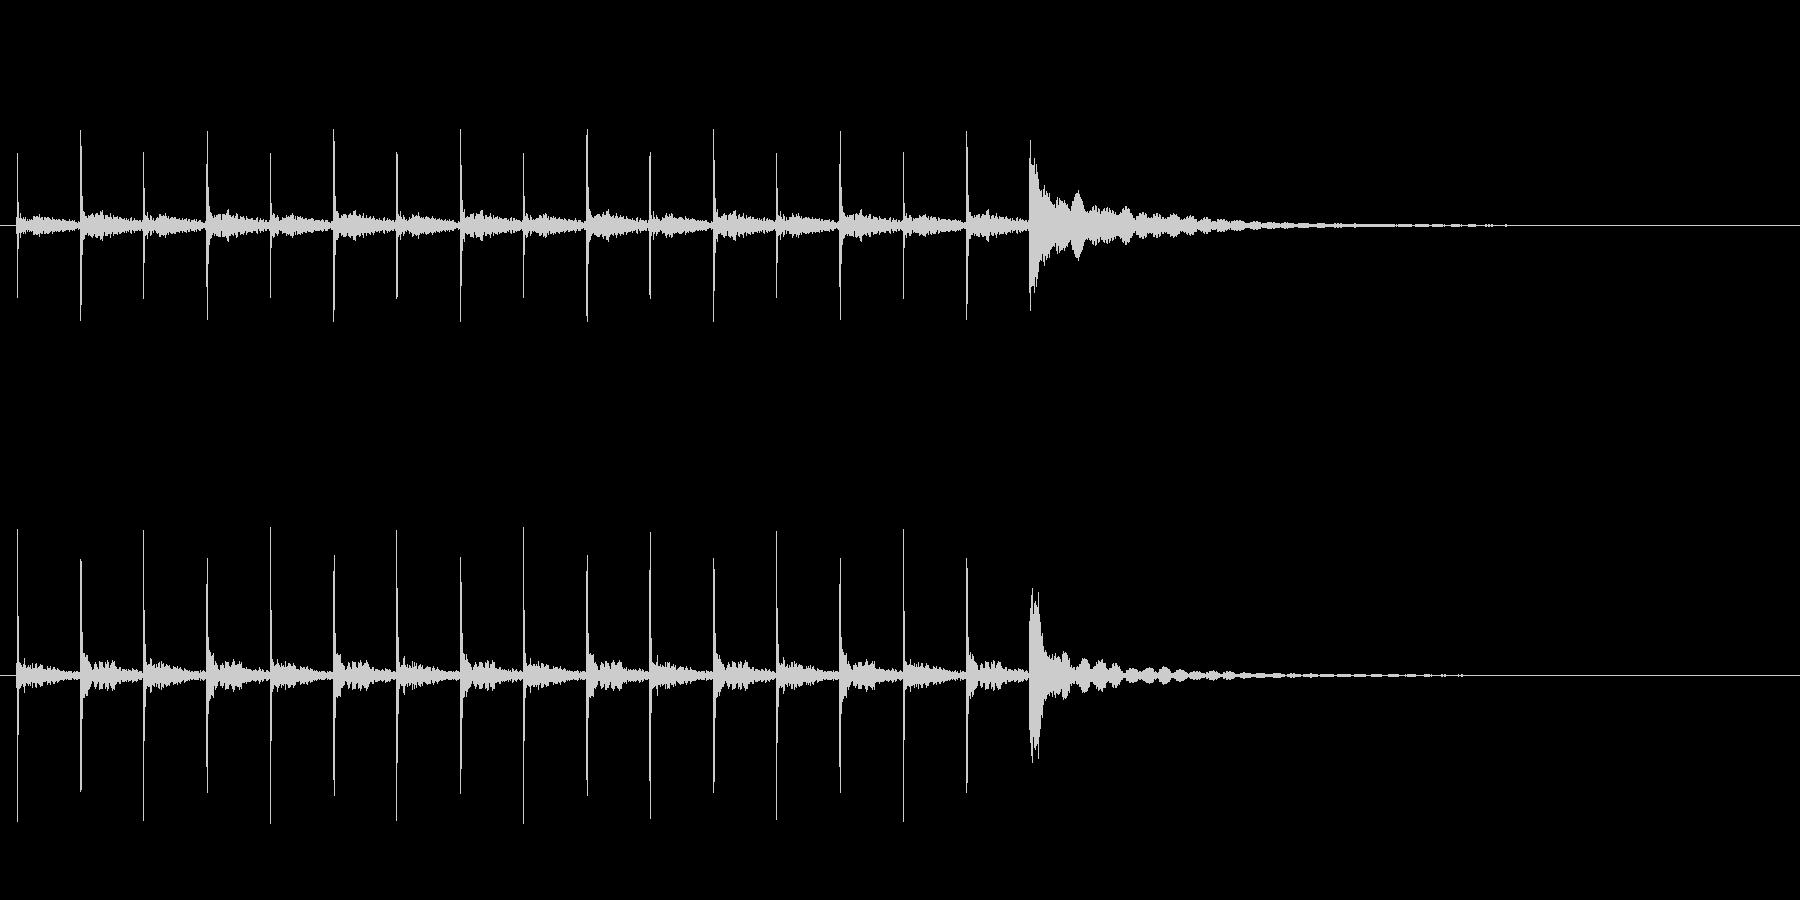 木魚ぽくぽくチーン10秒シンキングタイムの未再生の波形